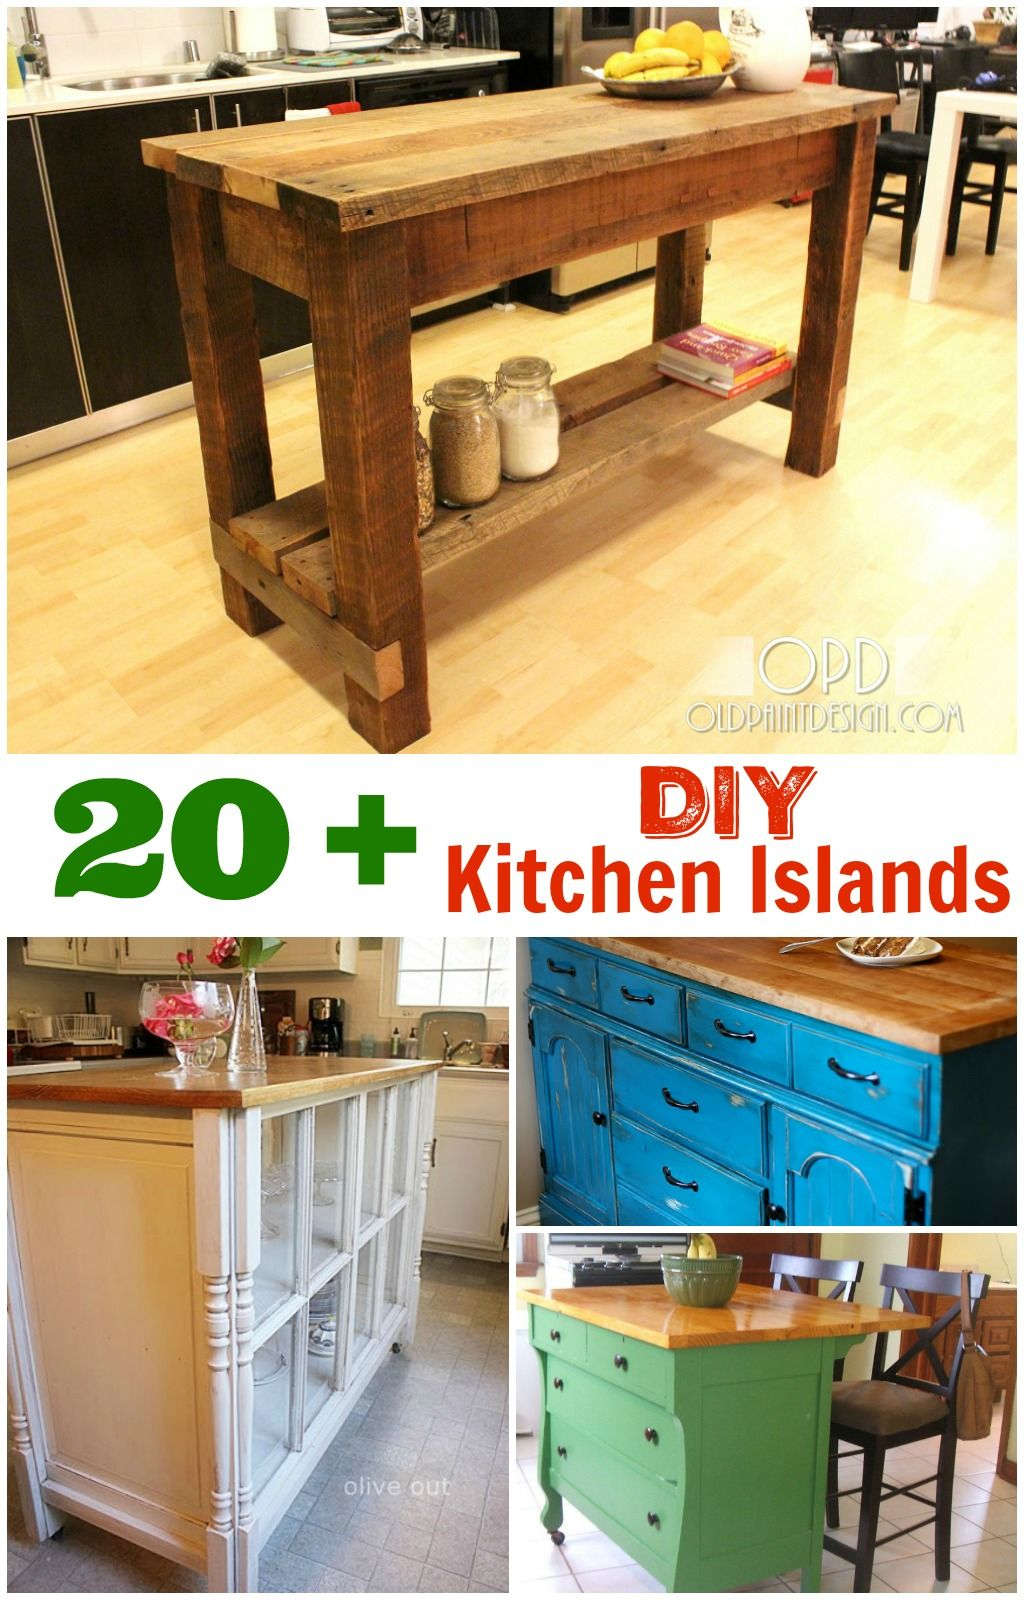 Kitchen Island Ideas Kitchen Island With Seating Kitchen Island Lighting Kitchen Island Table Ki Homemade Kitchen Island Ikea Kitchen Island Diy Kitchen Island